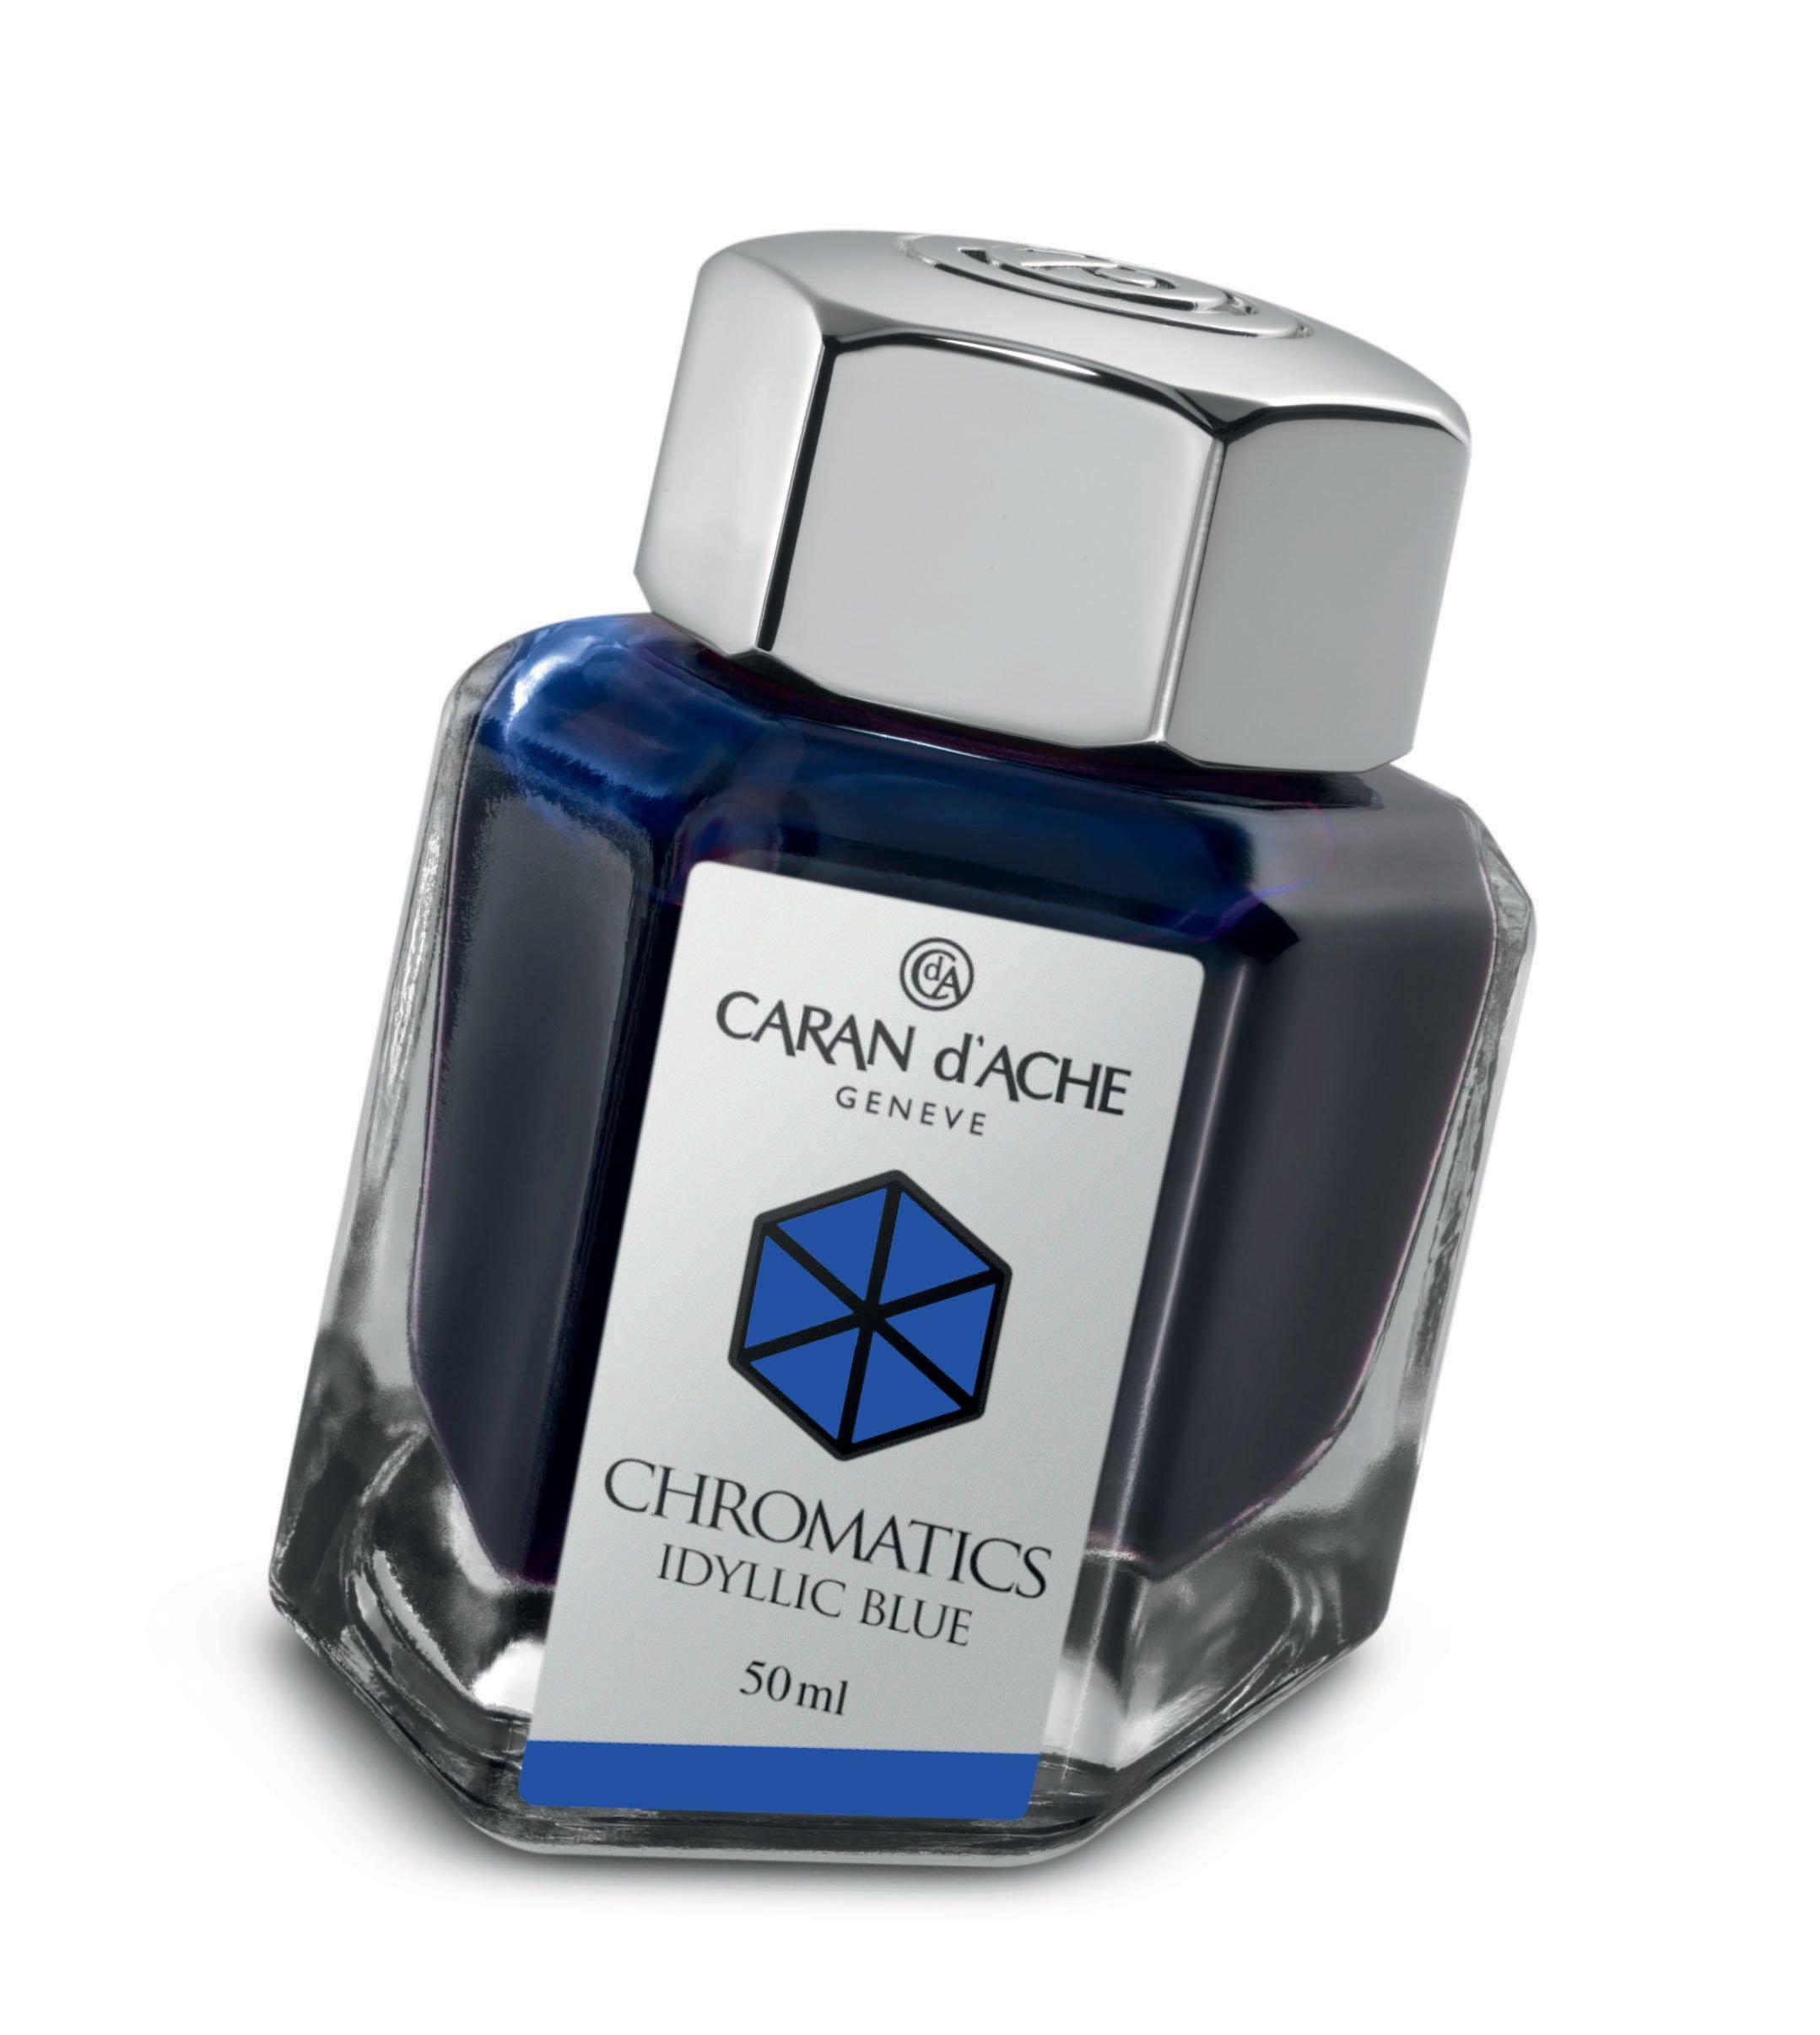 CARAN DACHE Botella de tinta cromática de 50 ml - Iddyllic B